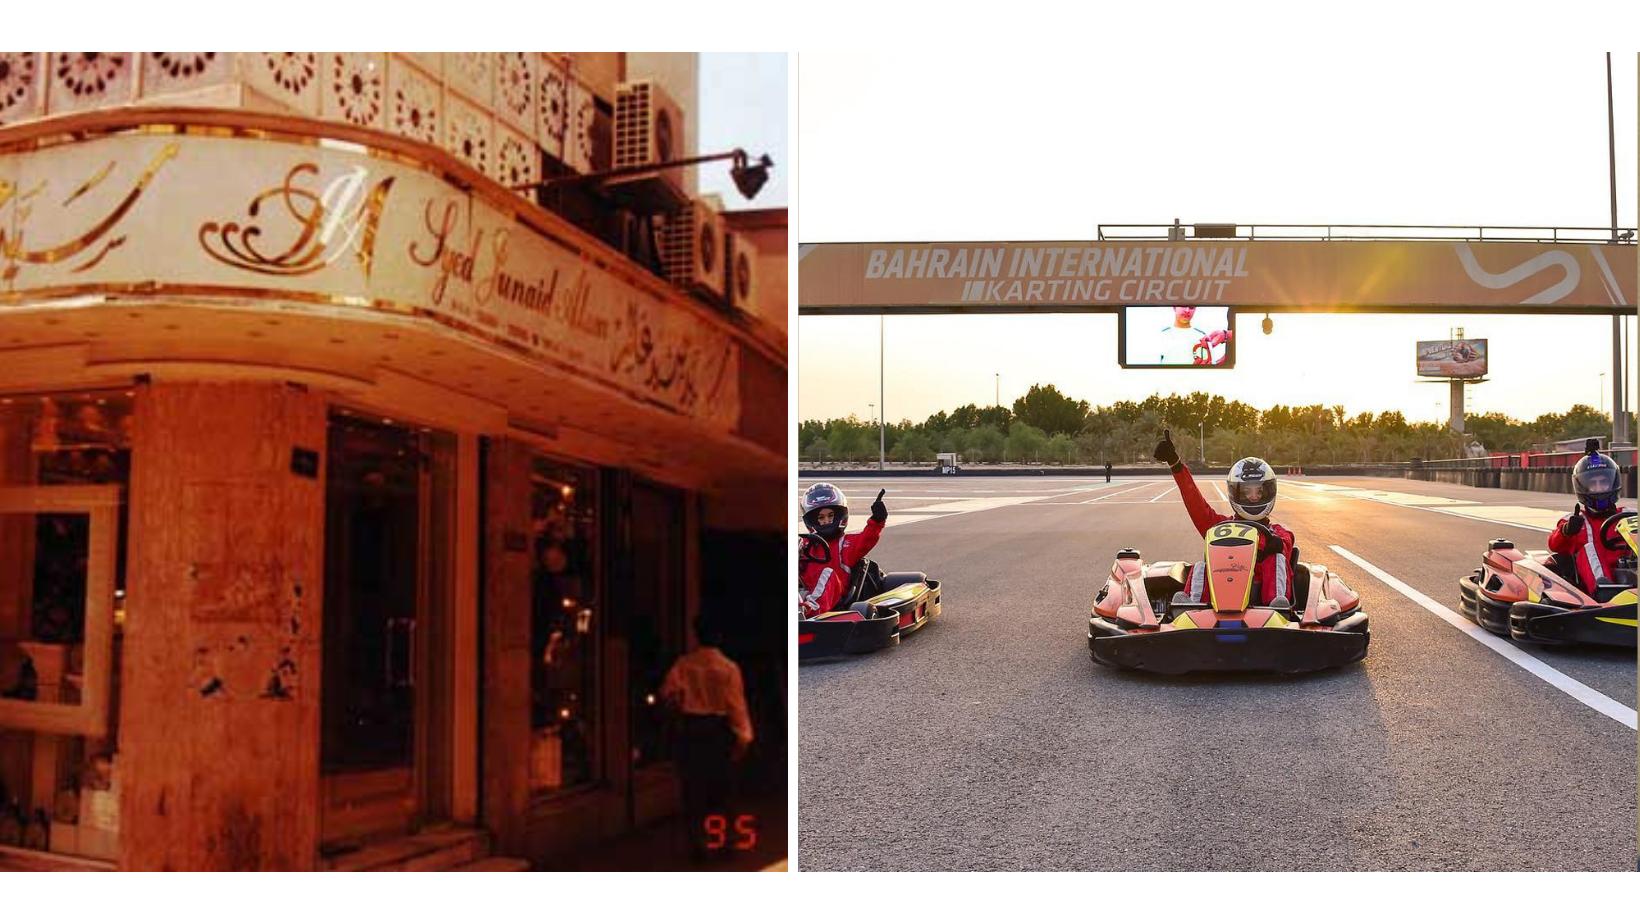 Junaid Perfumes and Karting at BIC